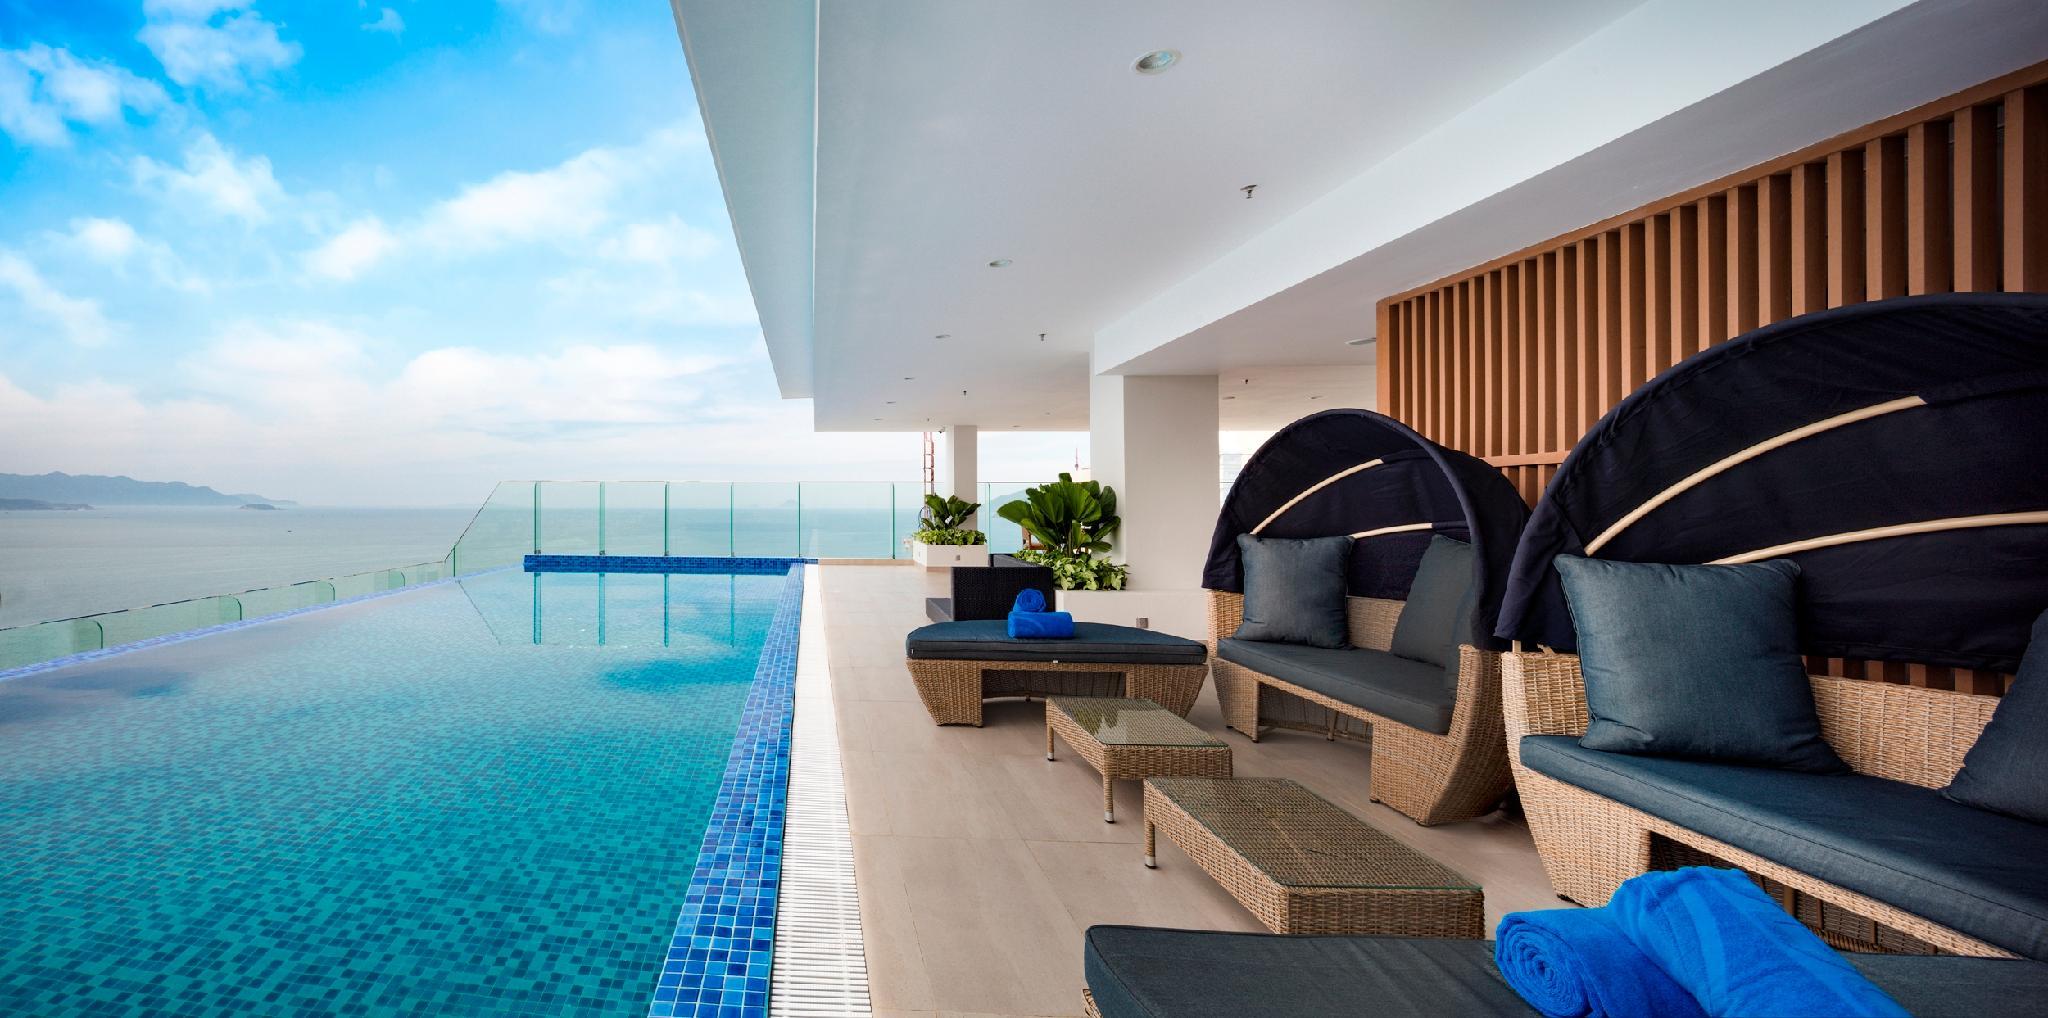 Kinh nghiệm du lịch Nha Trang - Nagar Hotel Nha Trang